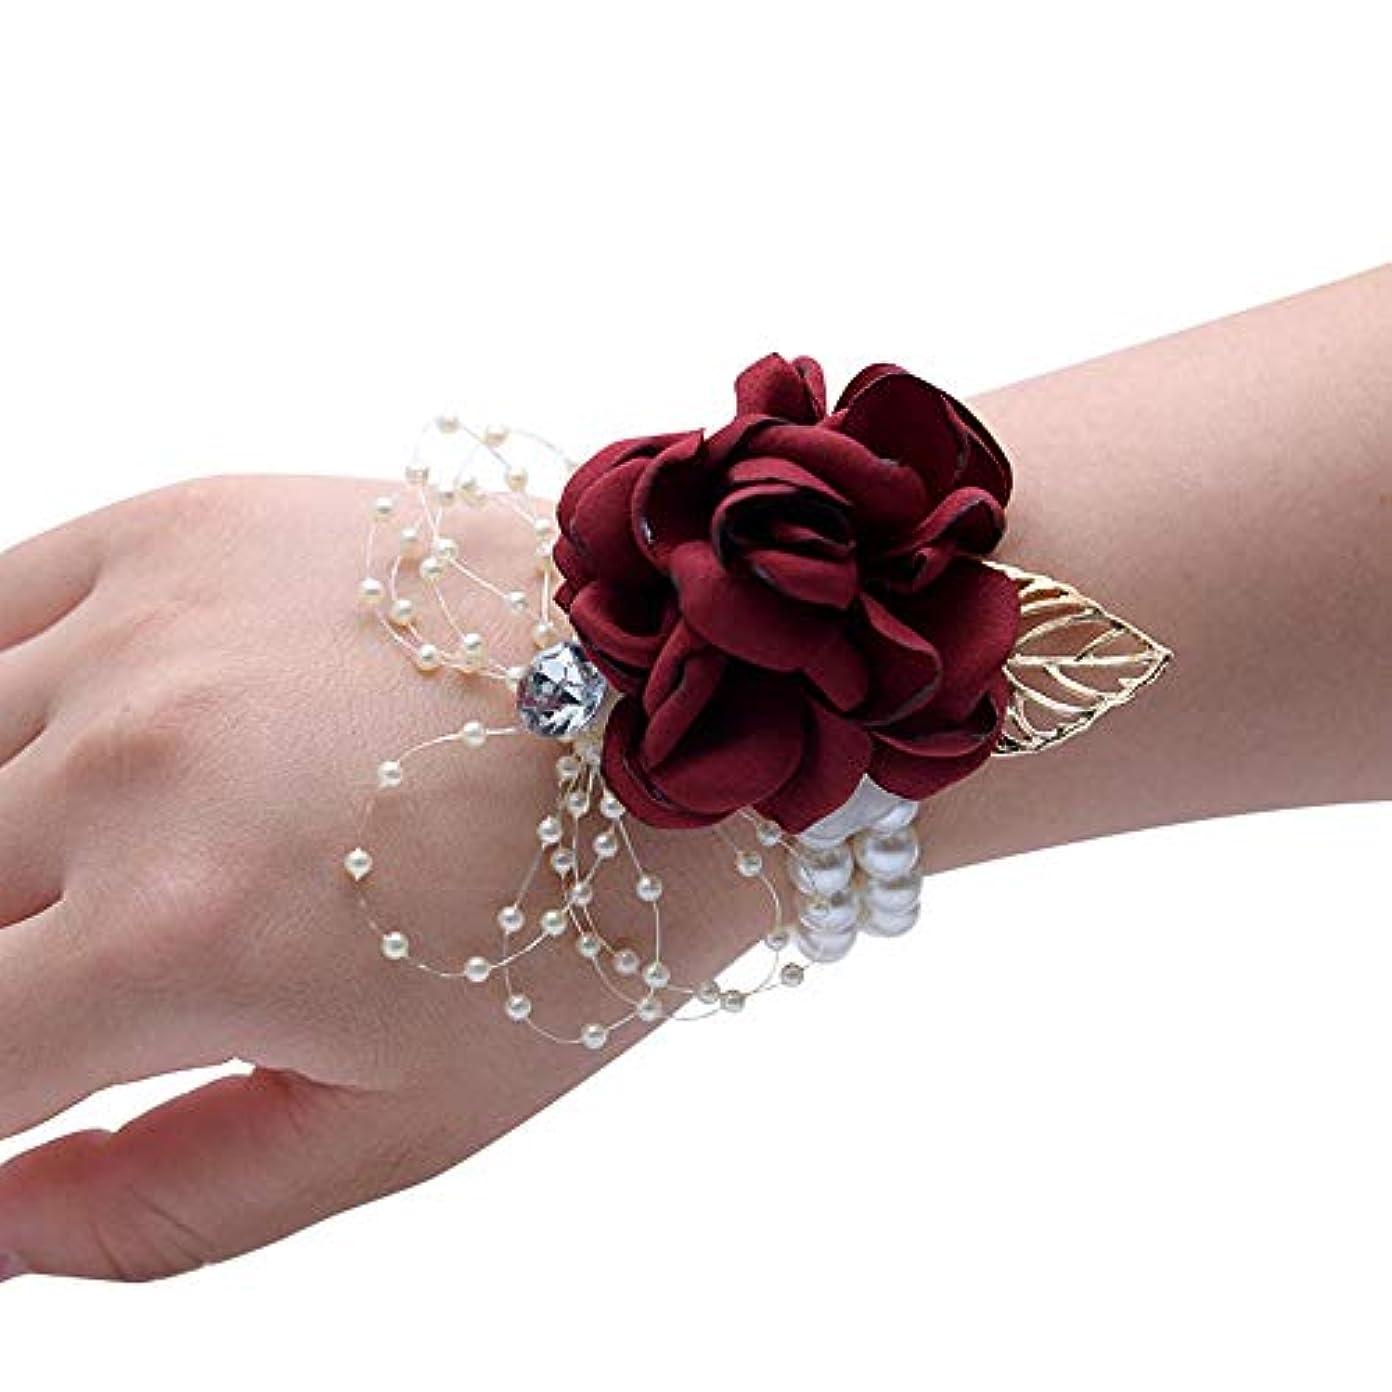 知覚的小川ヘルシーMerssavo 手首の花 - 女の子チャーム手首コサージュブレスレット花嫁介添人姉妹の手の花のどの真珠の結婚式、ワインレッド